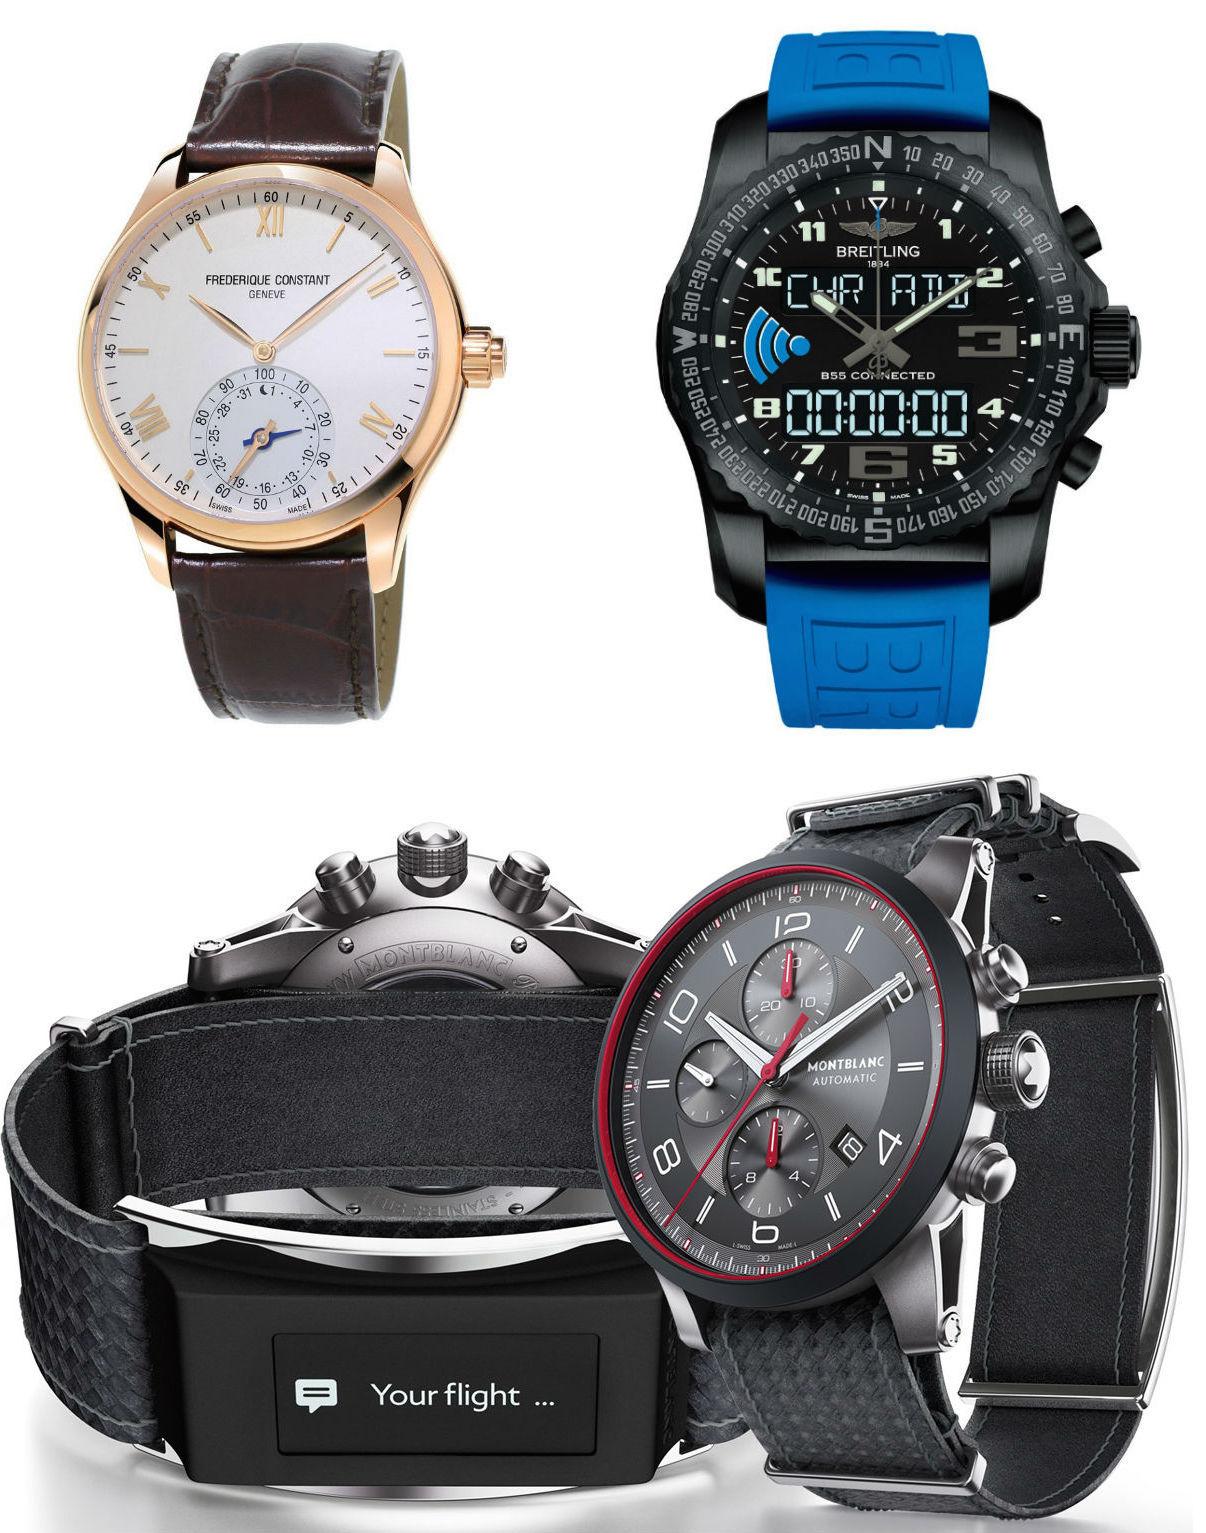 Смарт-часы класса премиум: какие предложения есть на рынке - 1